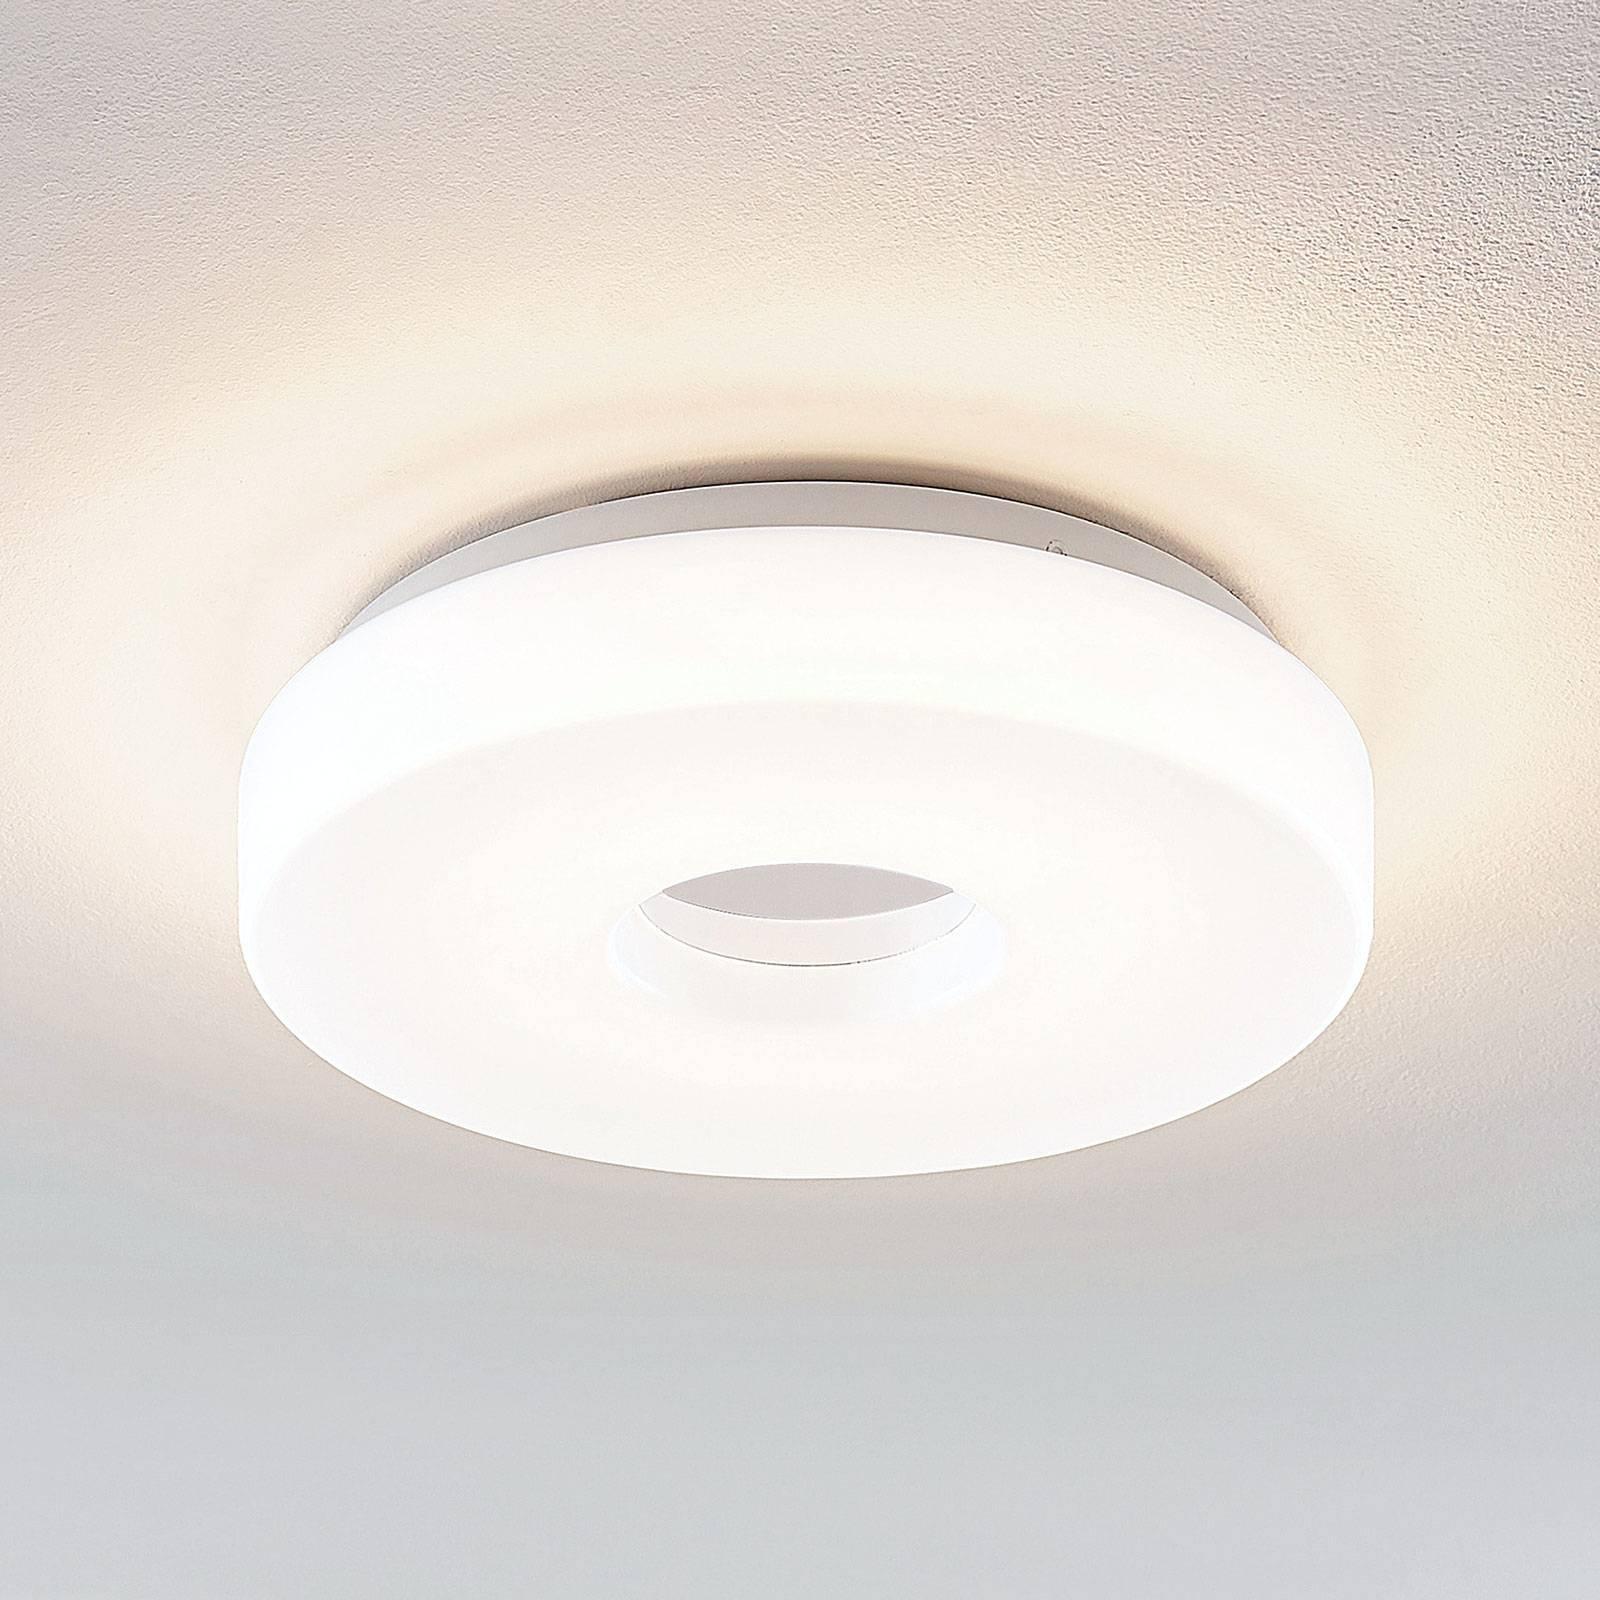 Lindby Florentina LED-kattolamppu, rengas, 29,7 cm